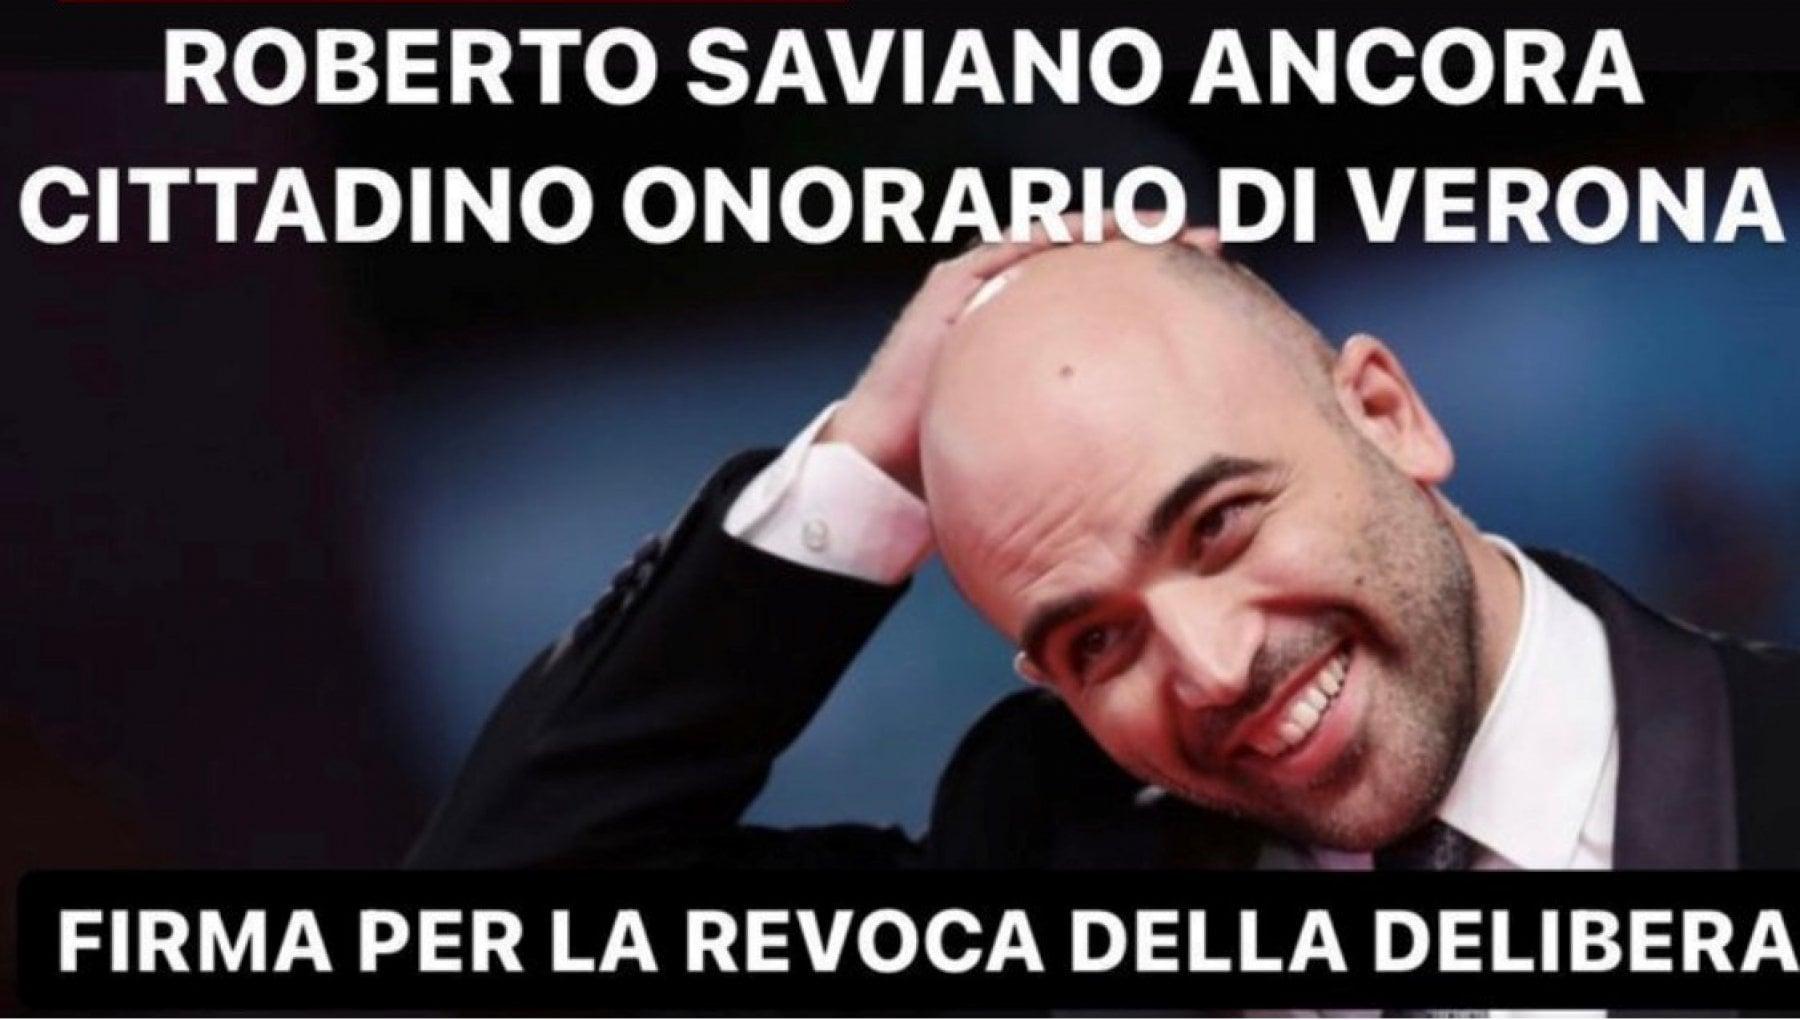 Verona revoca della cittadinanza onoraria a Saviano il Pd lancia una petizione con migliaia di firme in poche ore